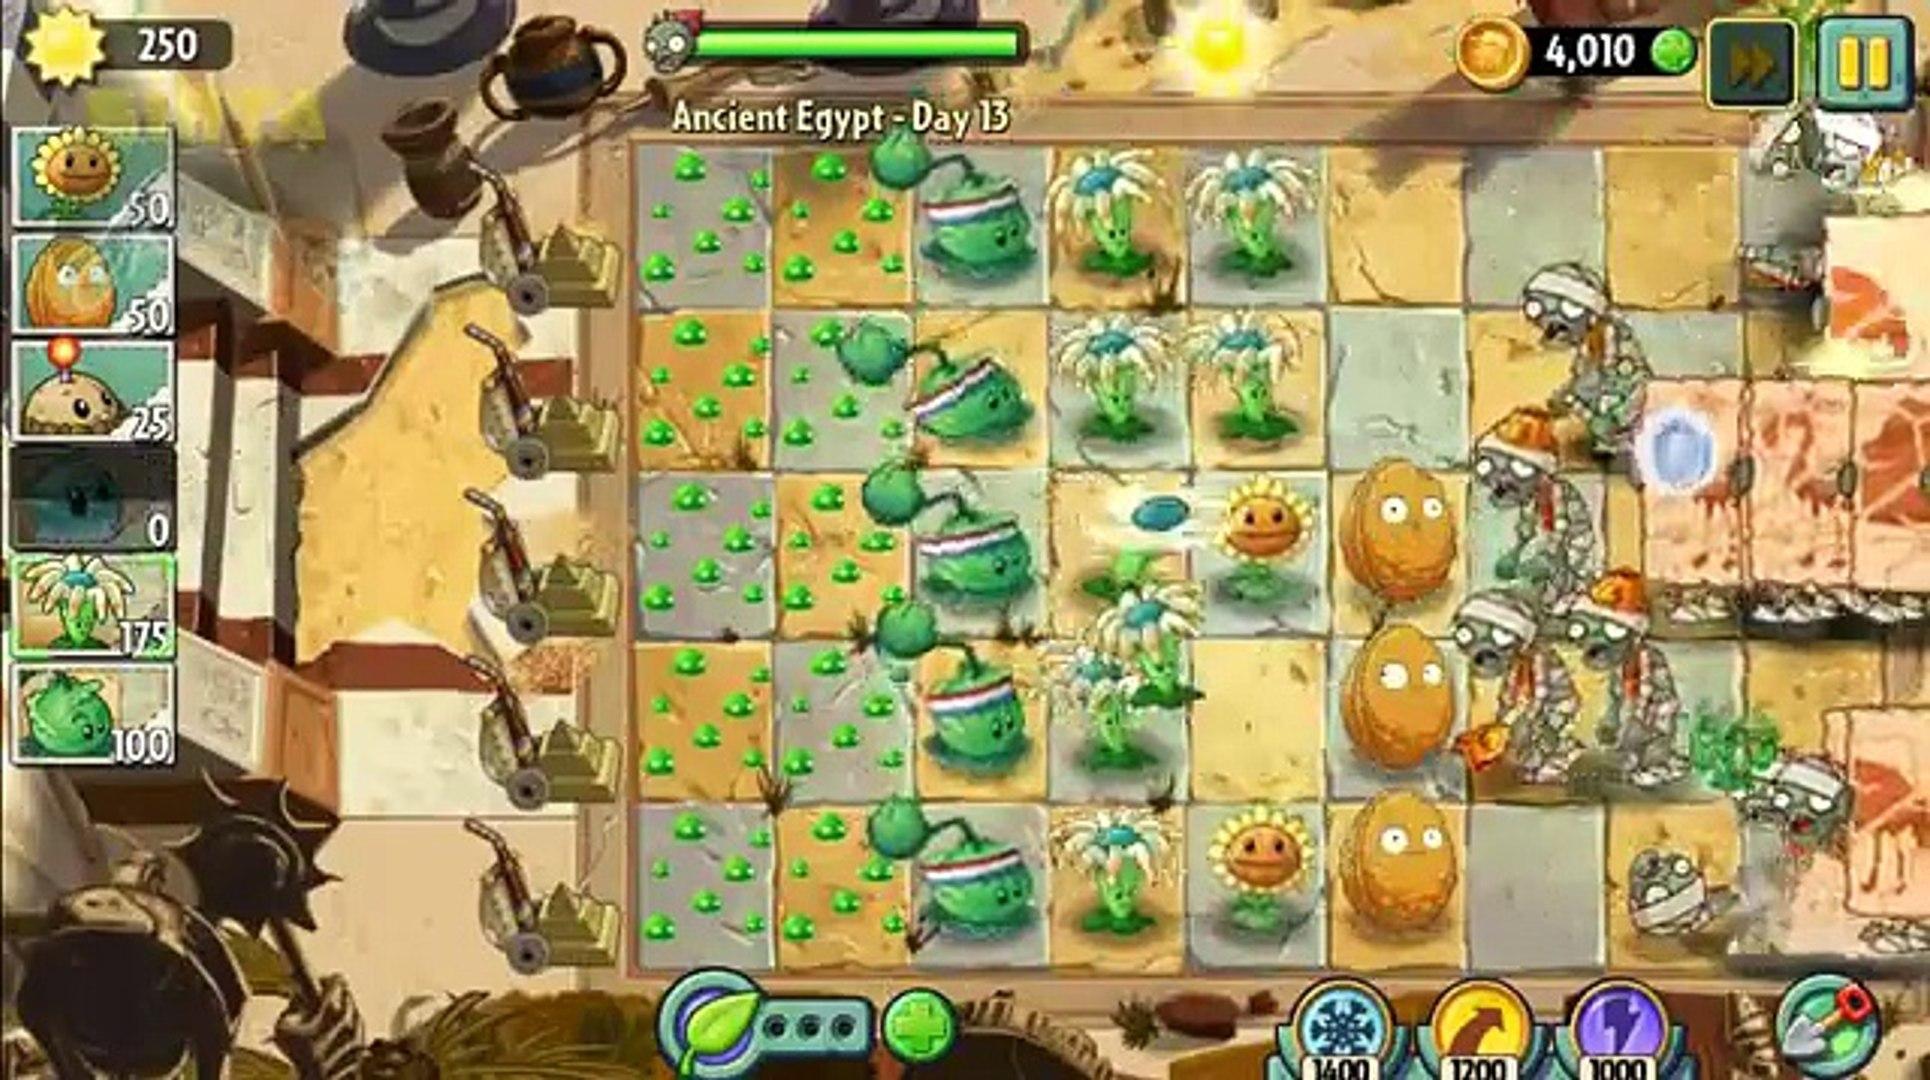 2. древние день Египет растения против прохождение зомби 15